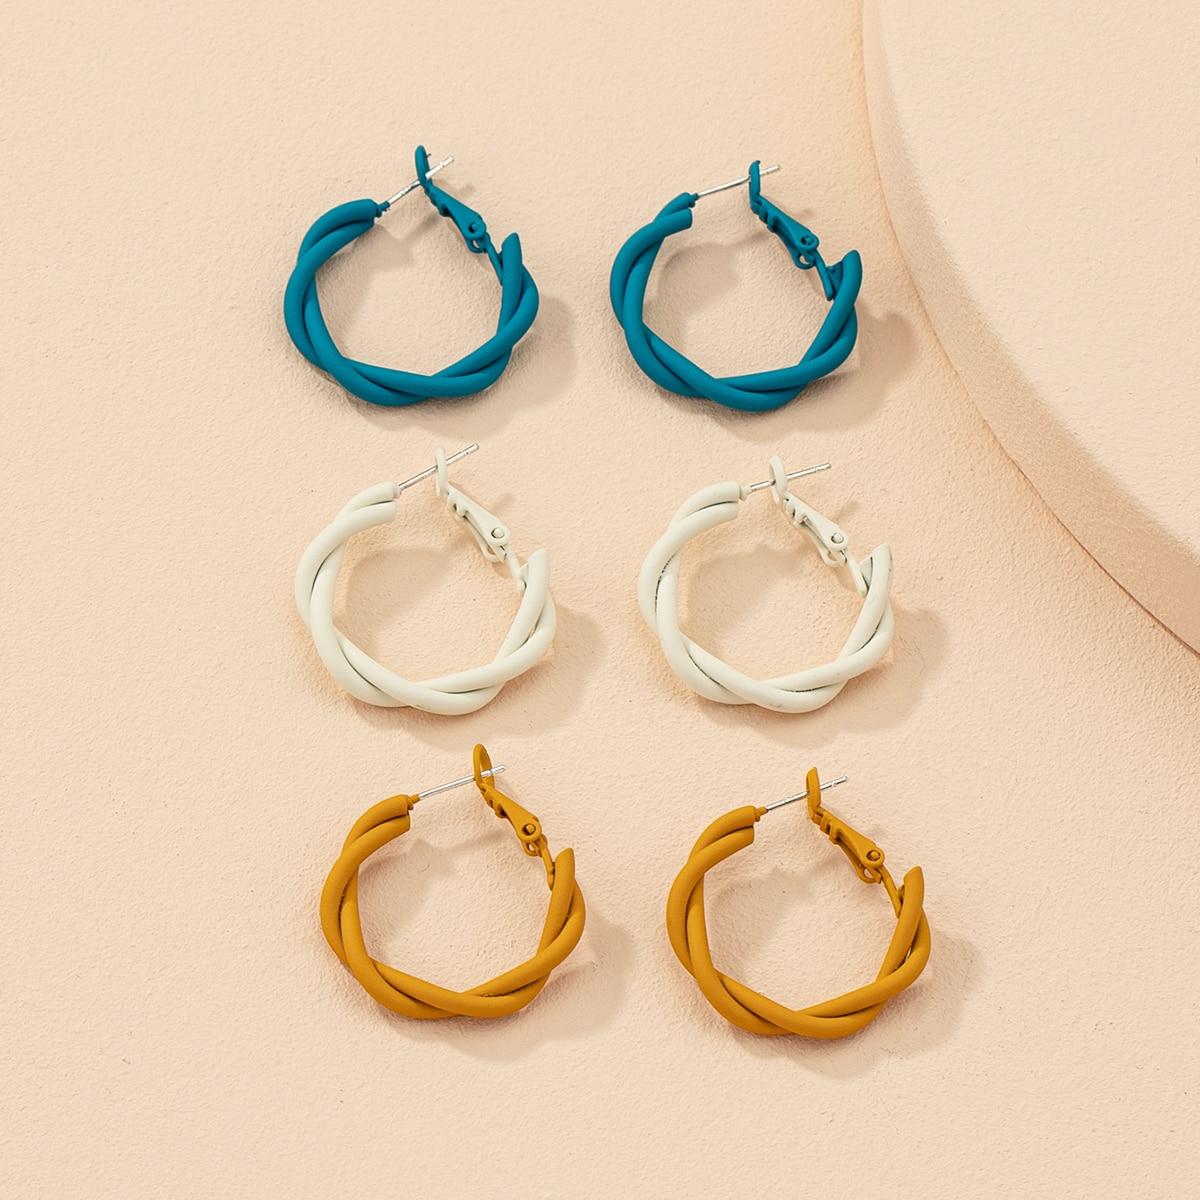 3pairs Twist Hoop Earrings